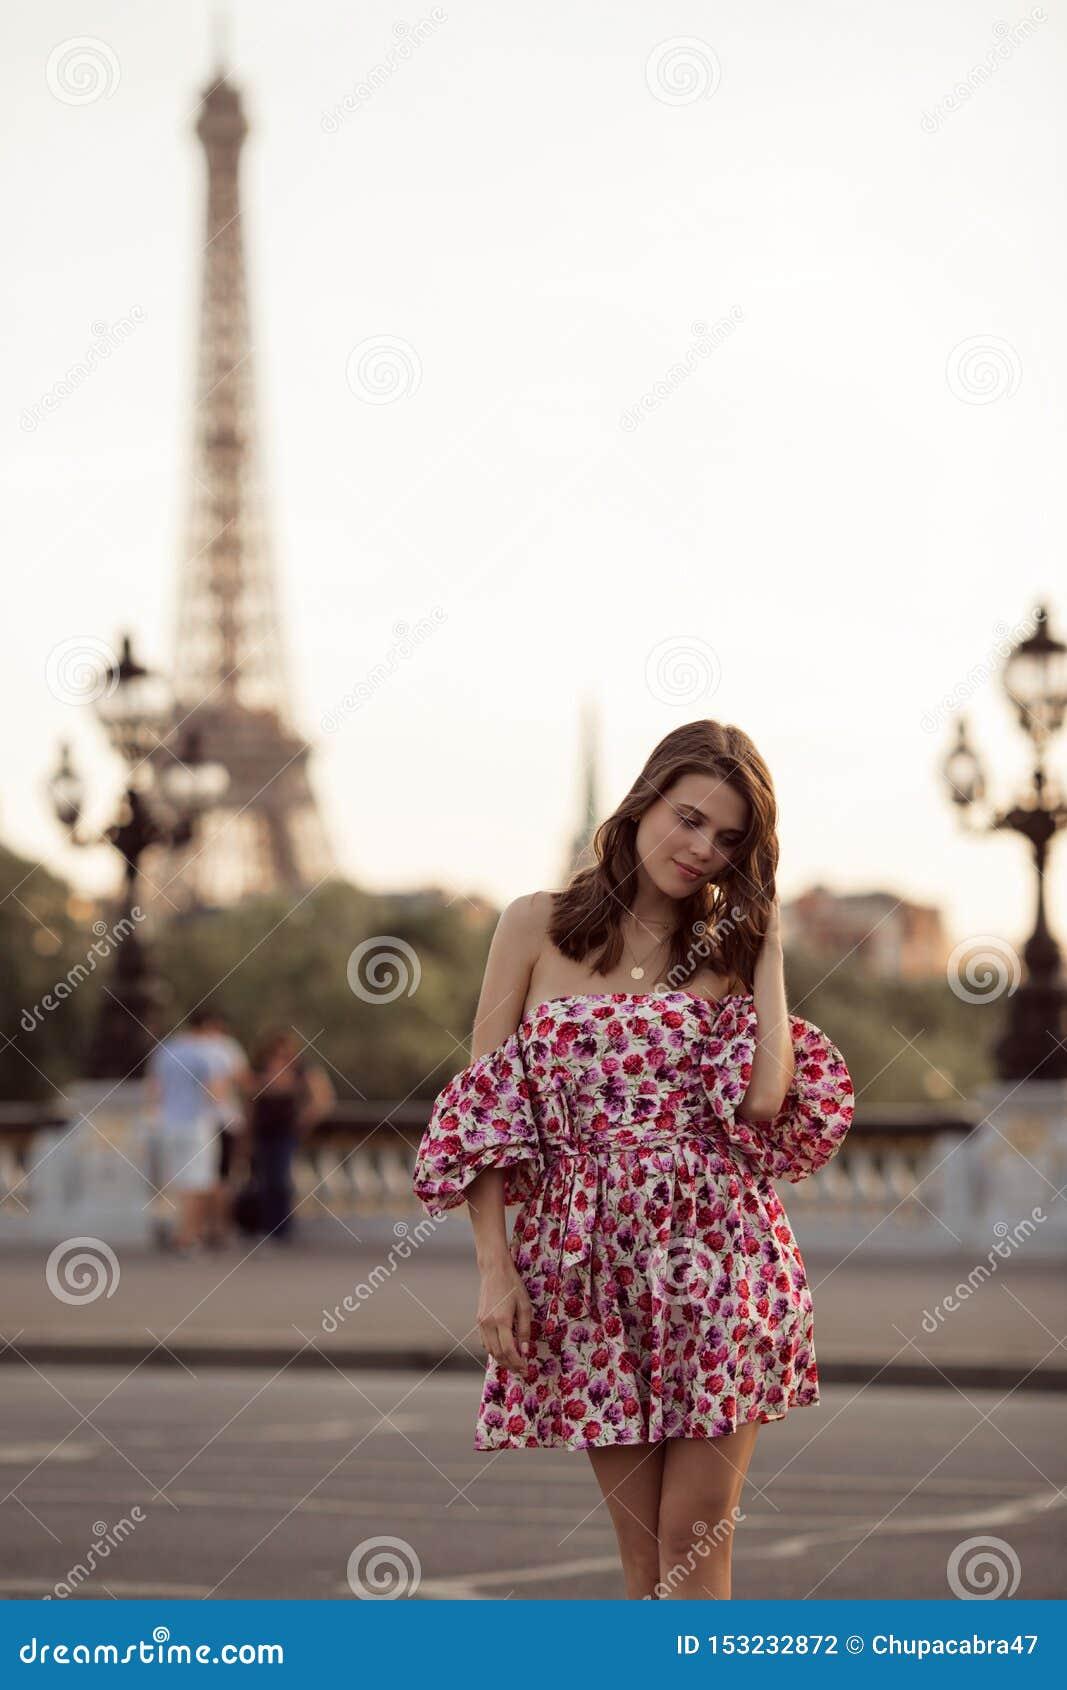 Девушка модель о работе в париже работа по веб камере моделью в ковдор